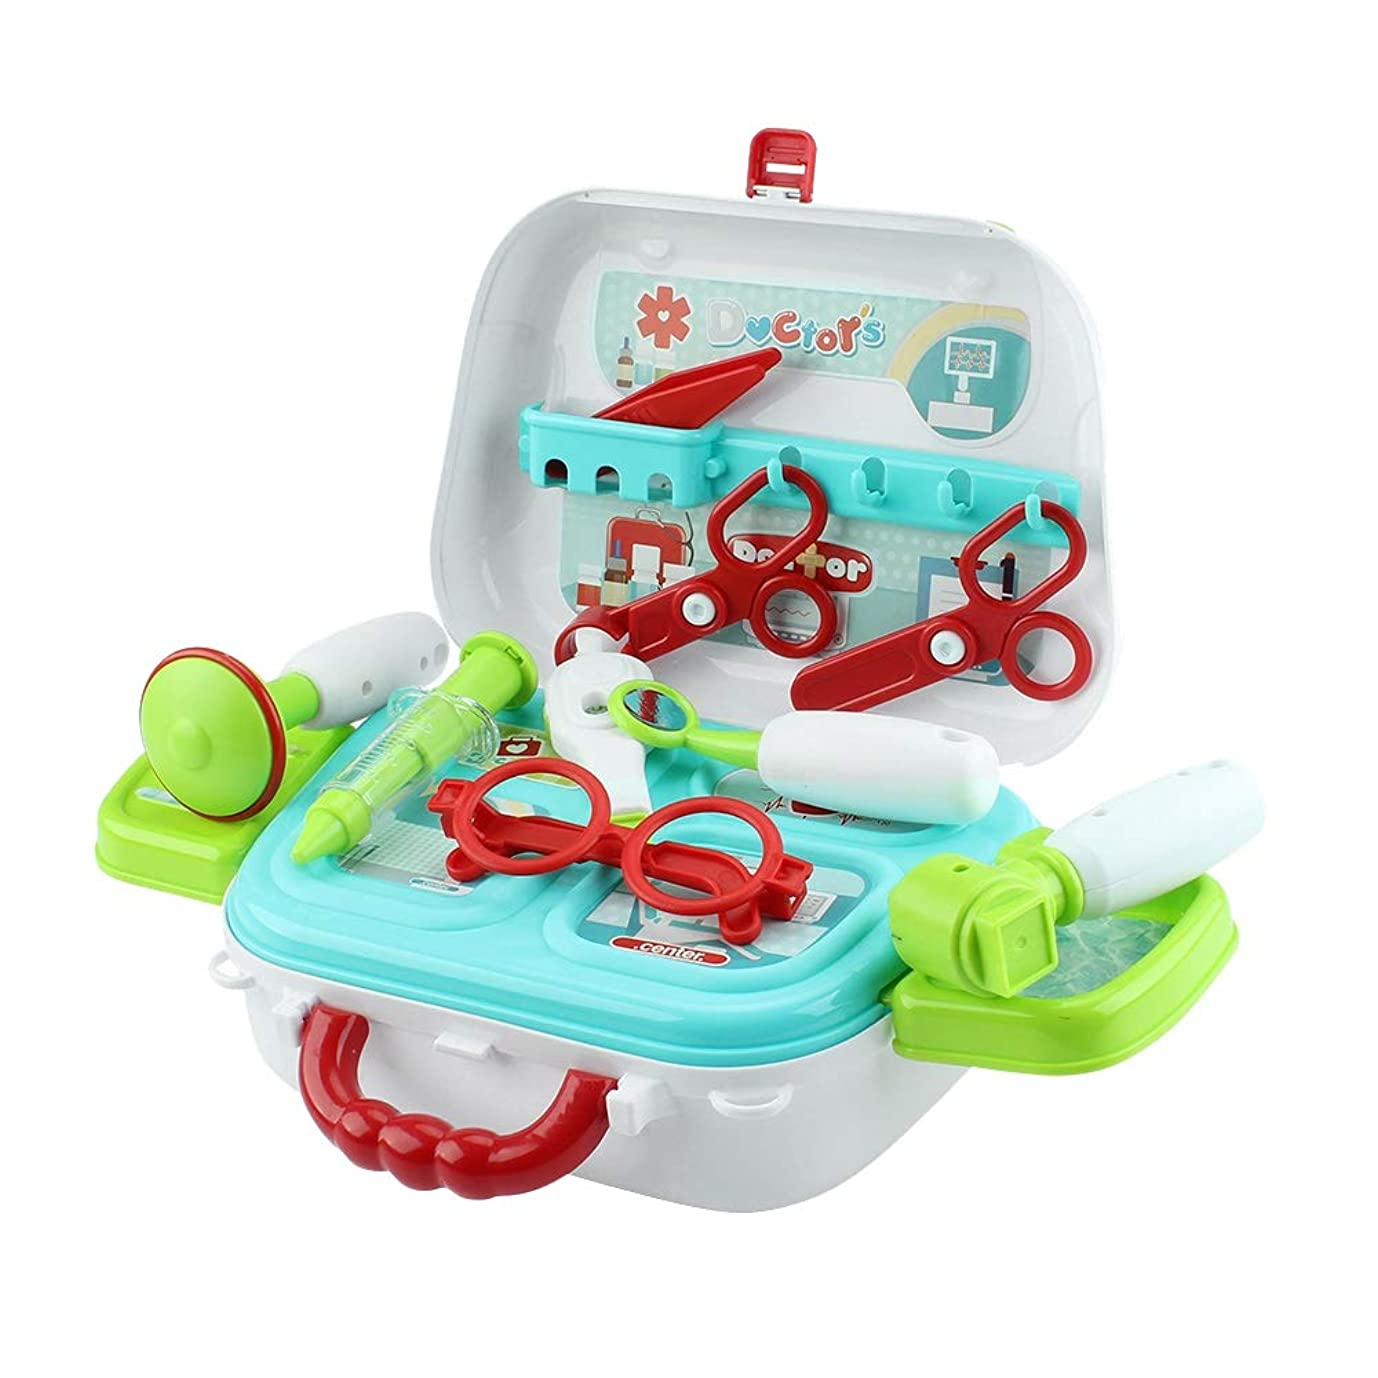 植物学者ごちそうデータムMonland キッズドクターセットおもちゃ プレイセットごっこ遊びロールプレイドクターキットおもちゃ 収納ボックス付き 男の子女の子幼児誕生日ギフト